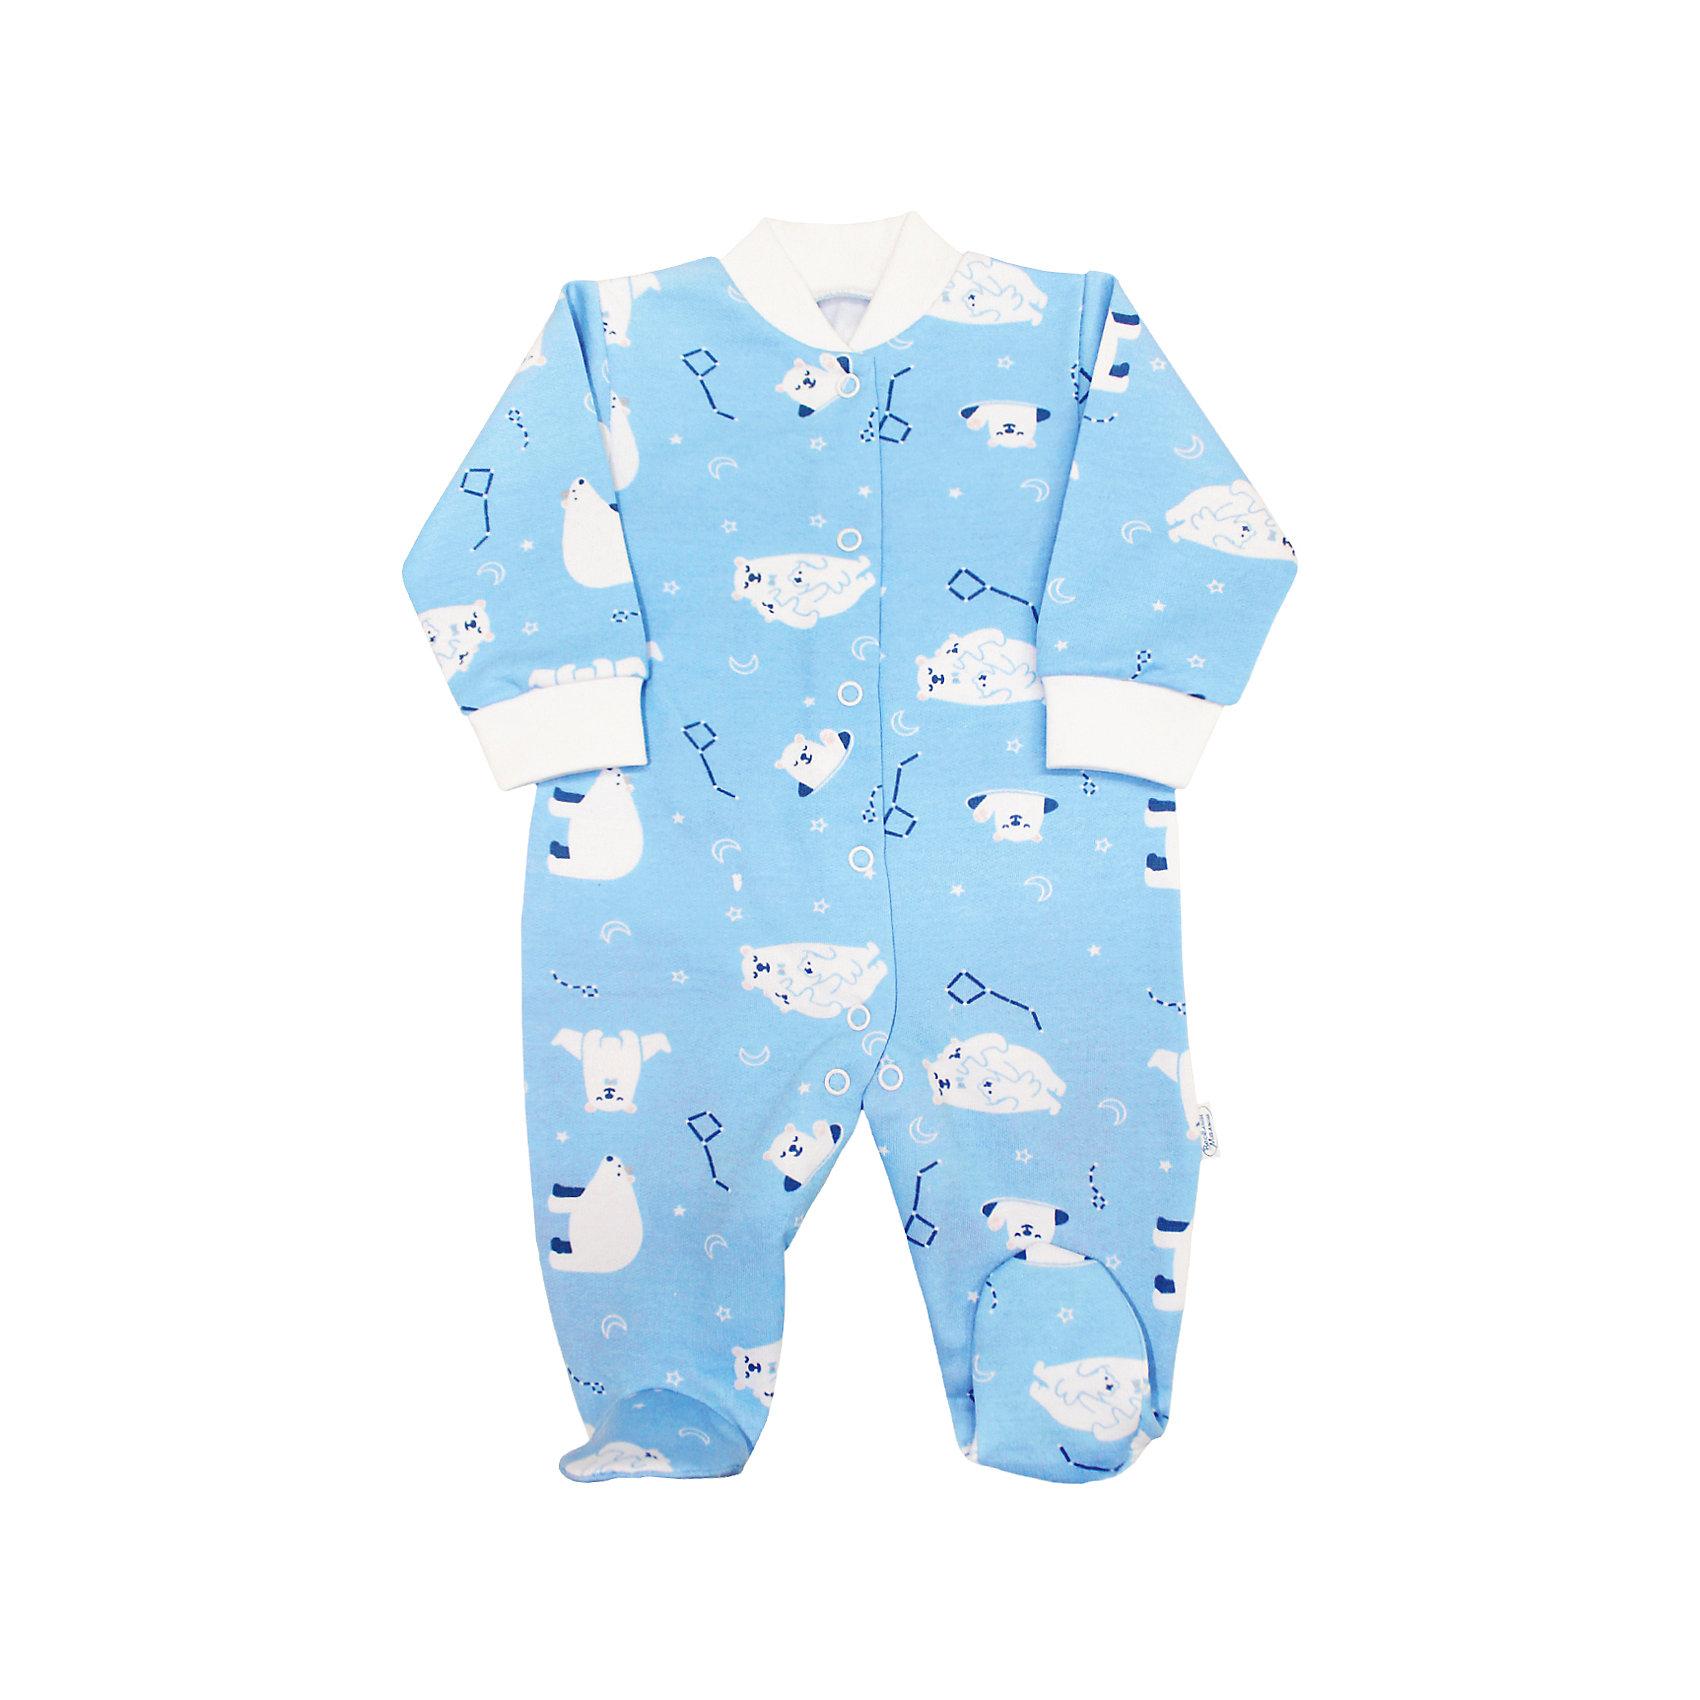 Веселый малыш Комбинезон для мальчика Веселый малыш вилт малыш синий стд0308